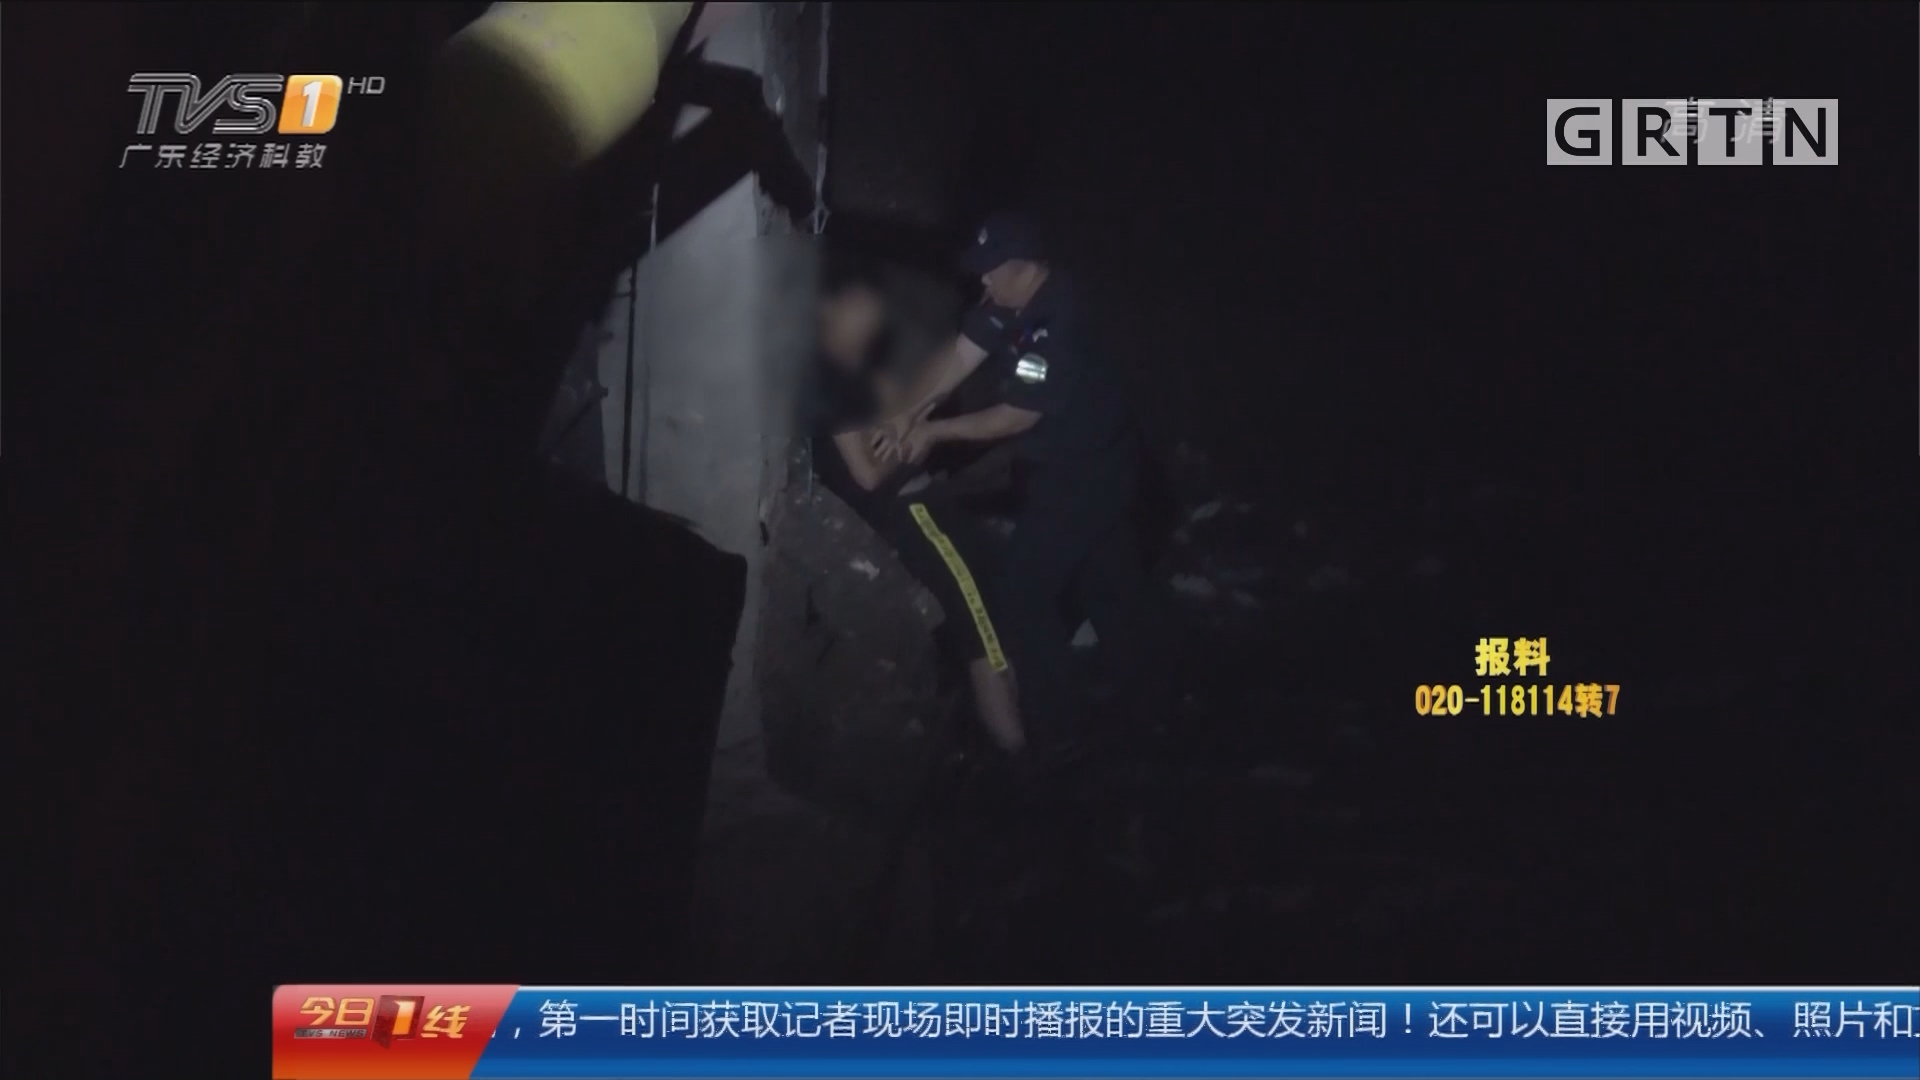 深圳宝安区:男子酒后持剪刀跑进河涌 消防苦劝